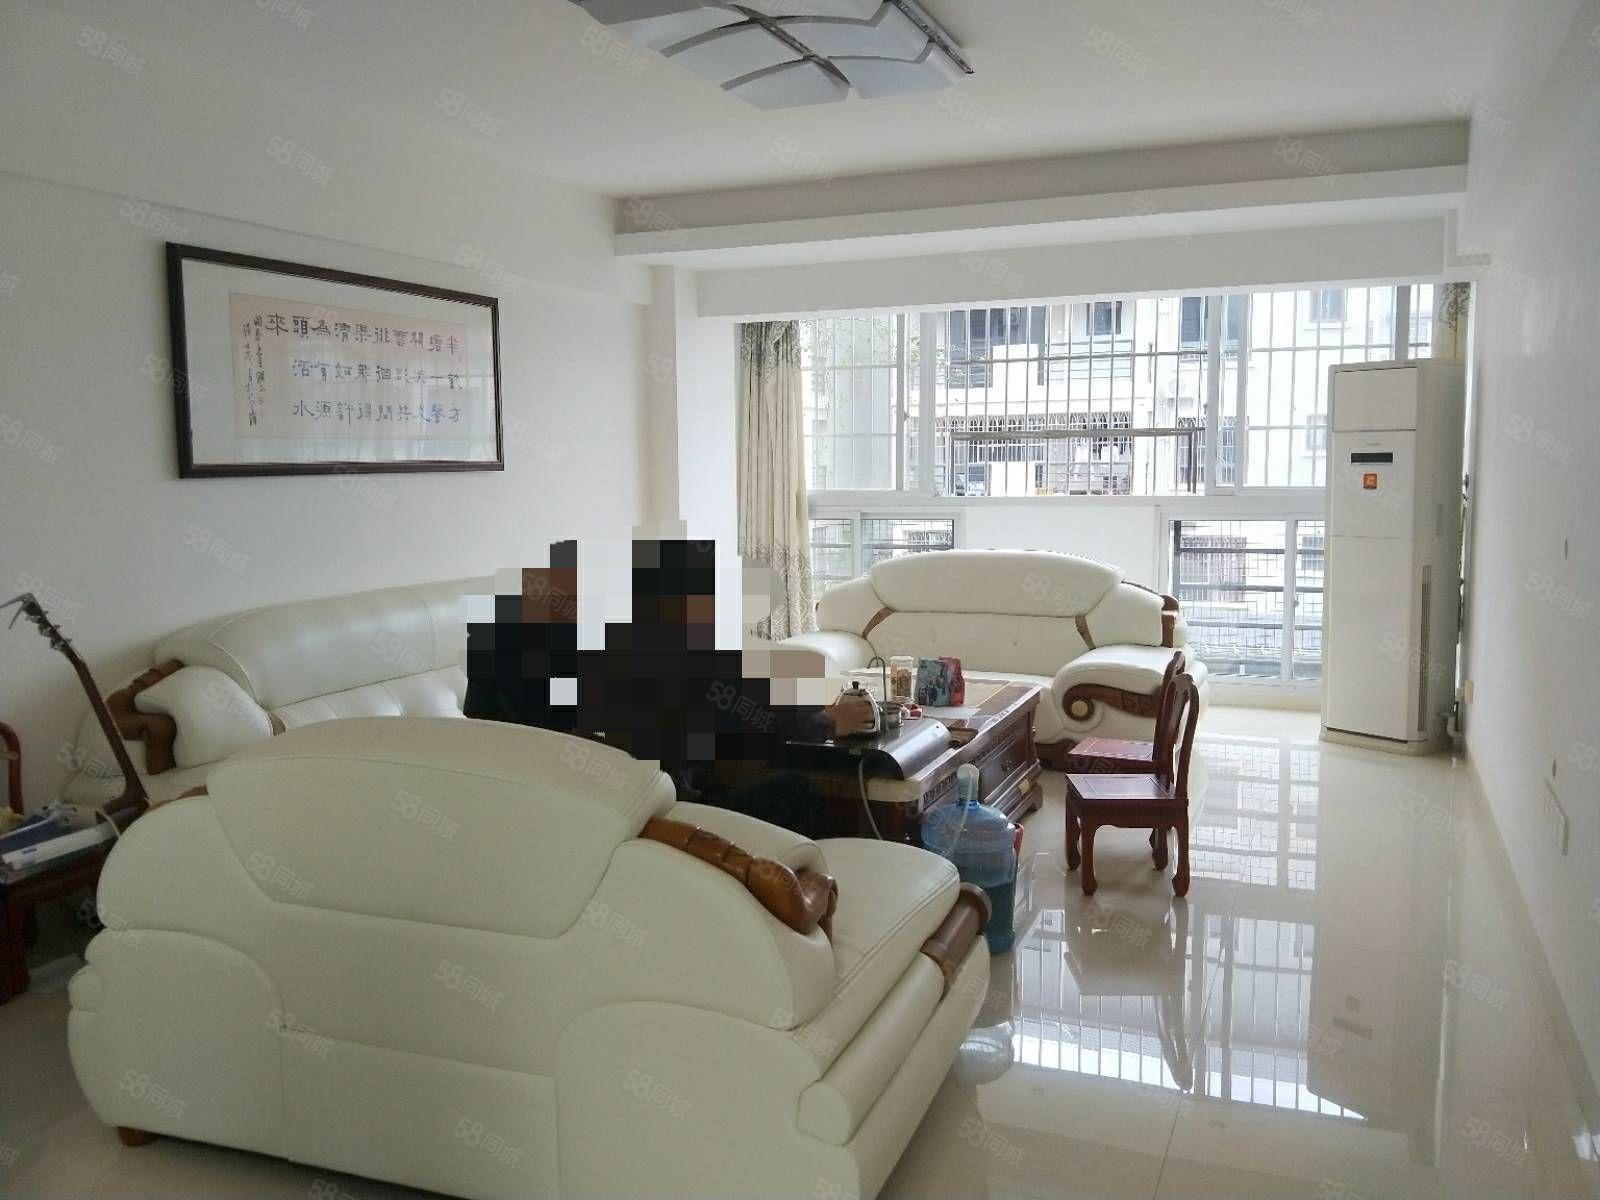 瓦子街中裝套房出售三房二廳二衛一陽臺,面積109平方!